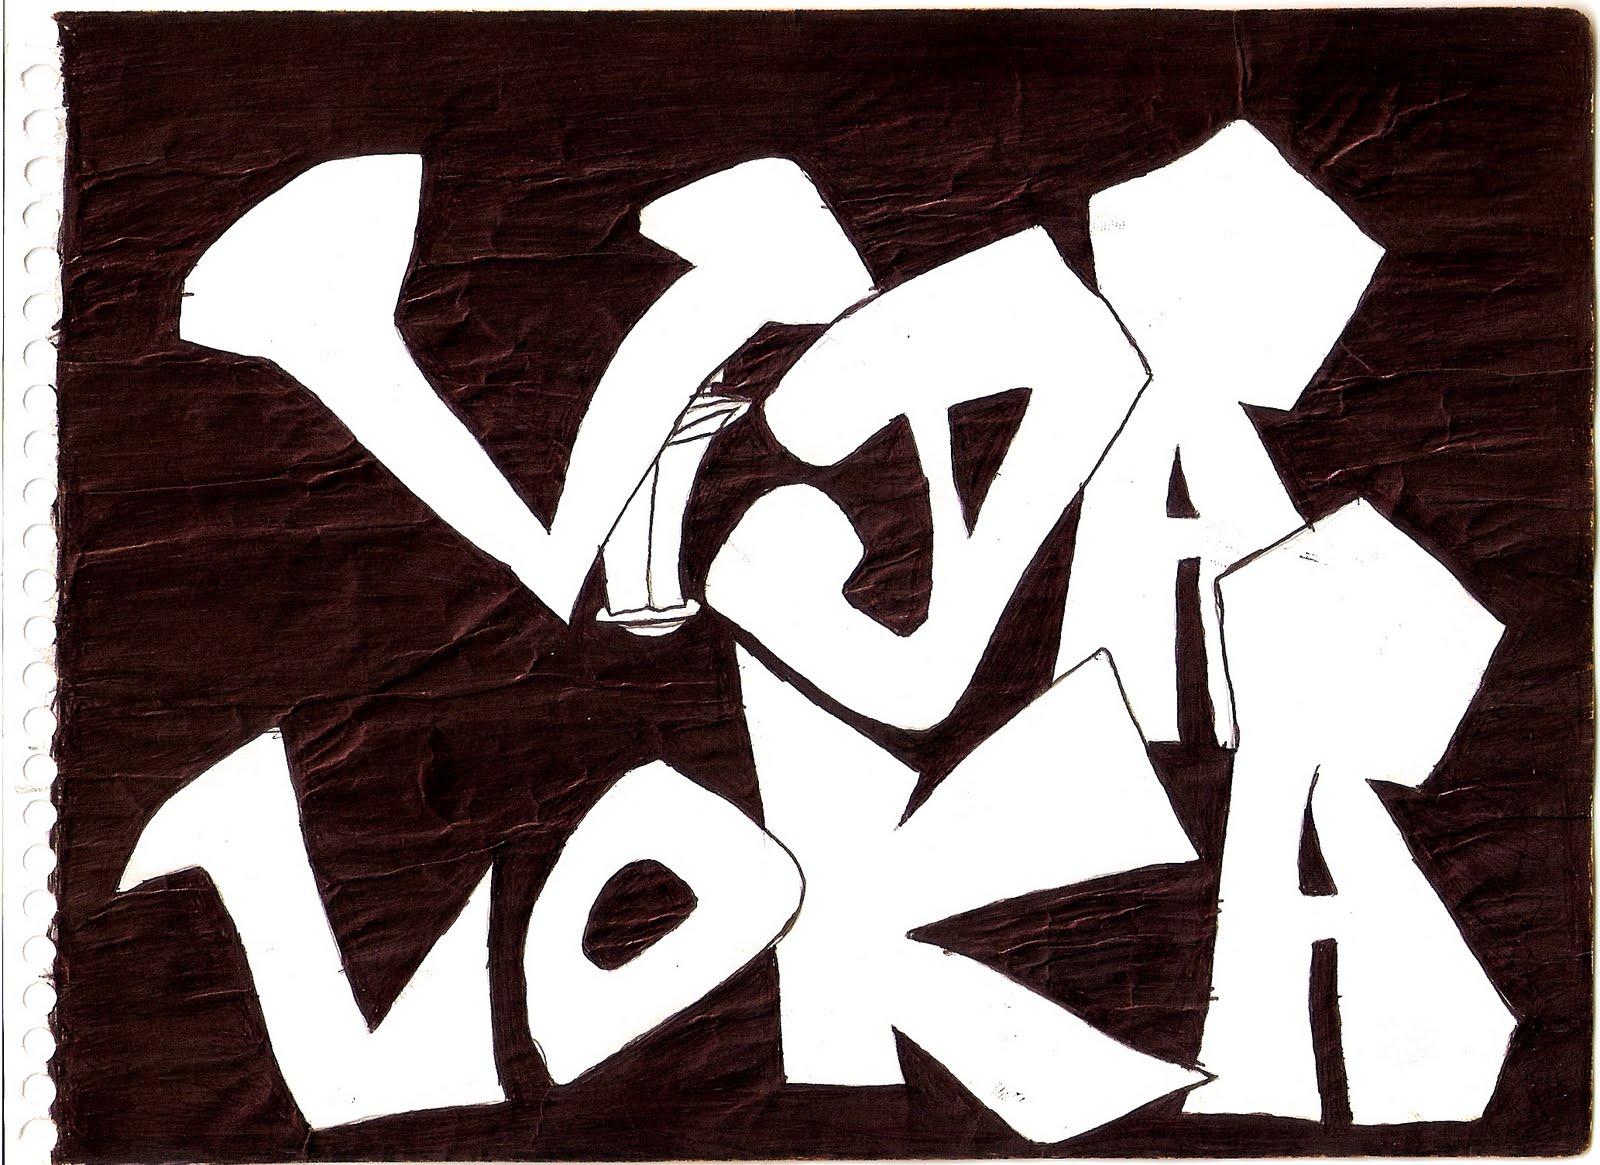 Vida Loka 27 06 2008